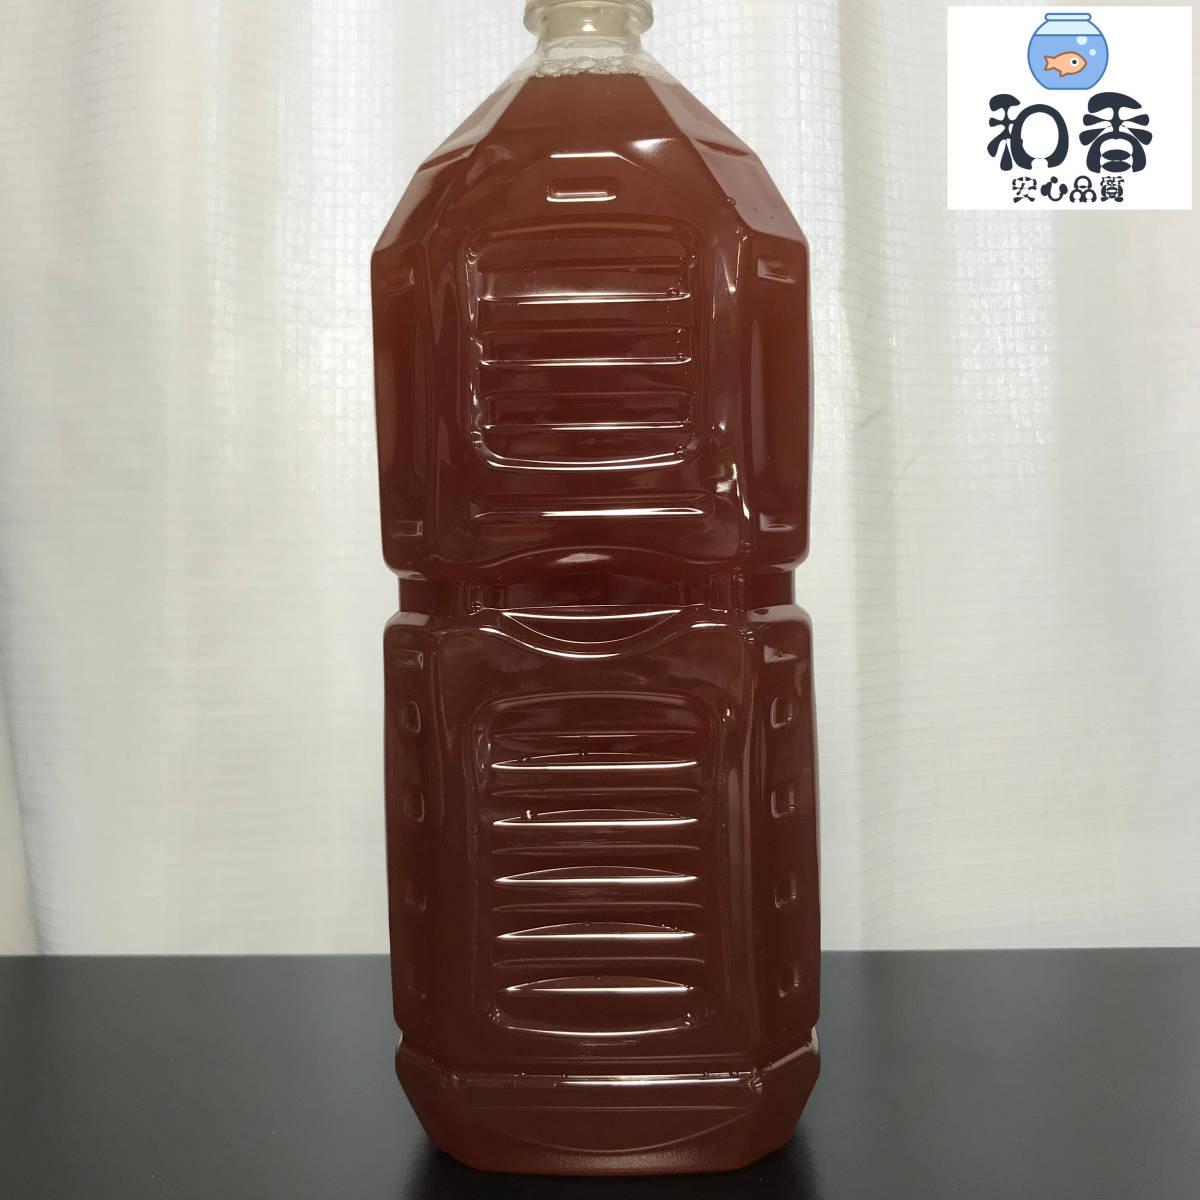 送料220円 光合成細菌PSB800ml バクテリア めだか らんちゅう 金魚 熱帯魚 グッピーにミジンコゾウリムシクロレラ培養_特別濃縮 水質浄化 免疫強化